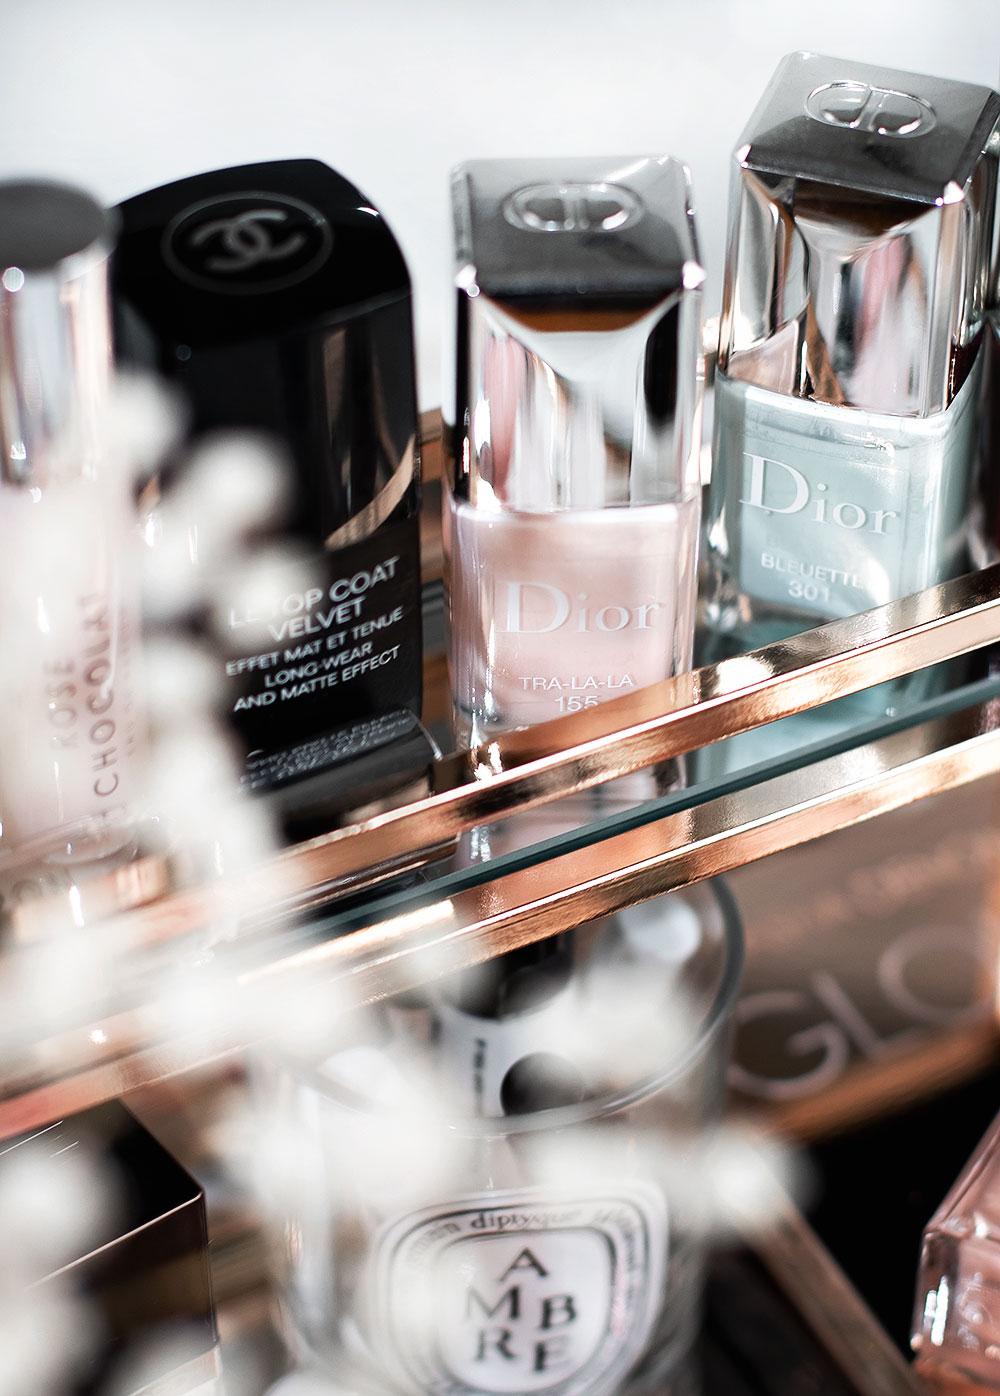 Dior Tra-La-La Nail Polish